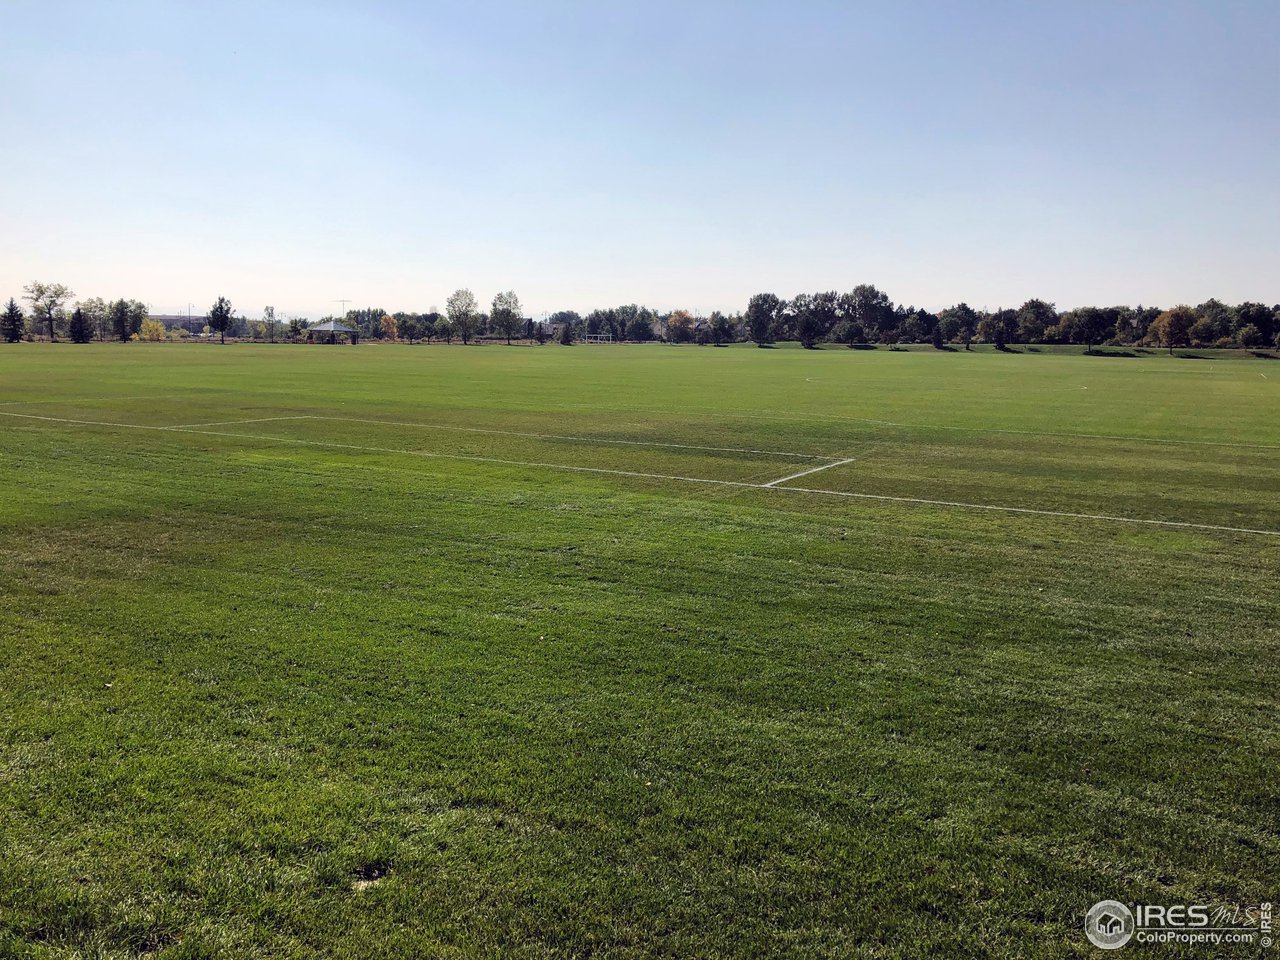 Soccer fields, trails